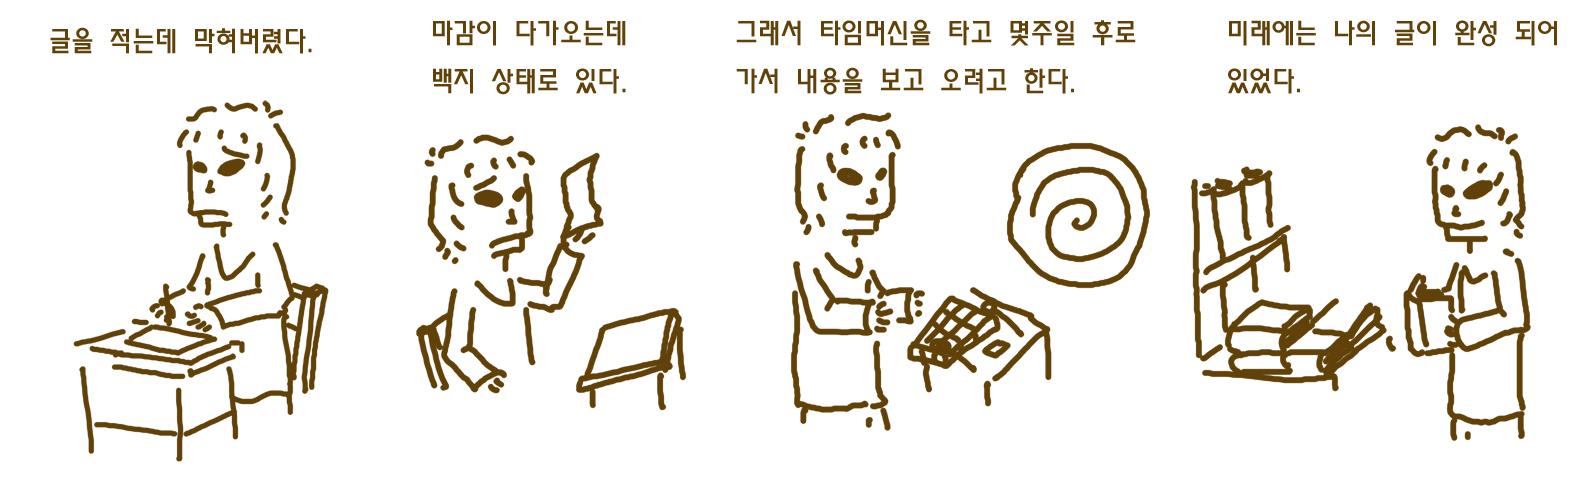 하루한장 13